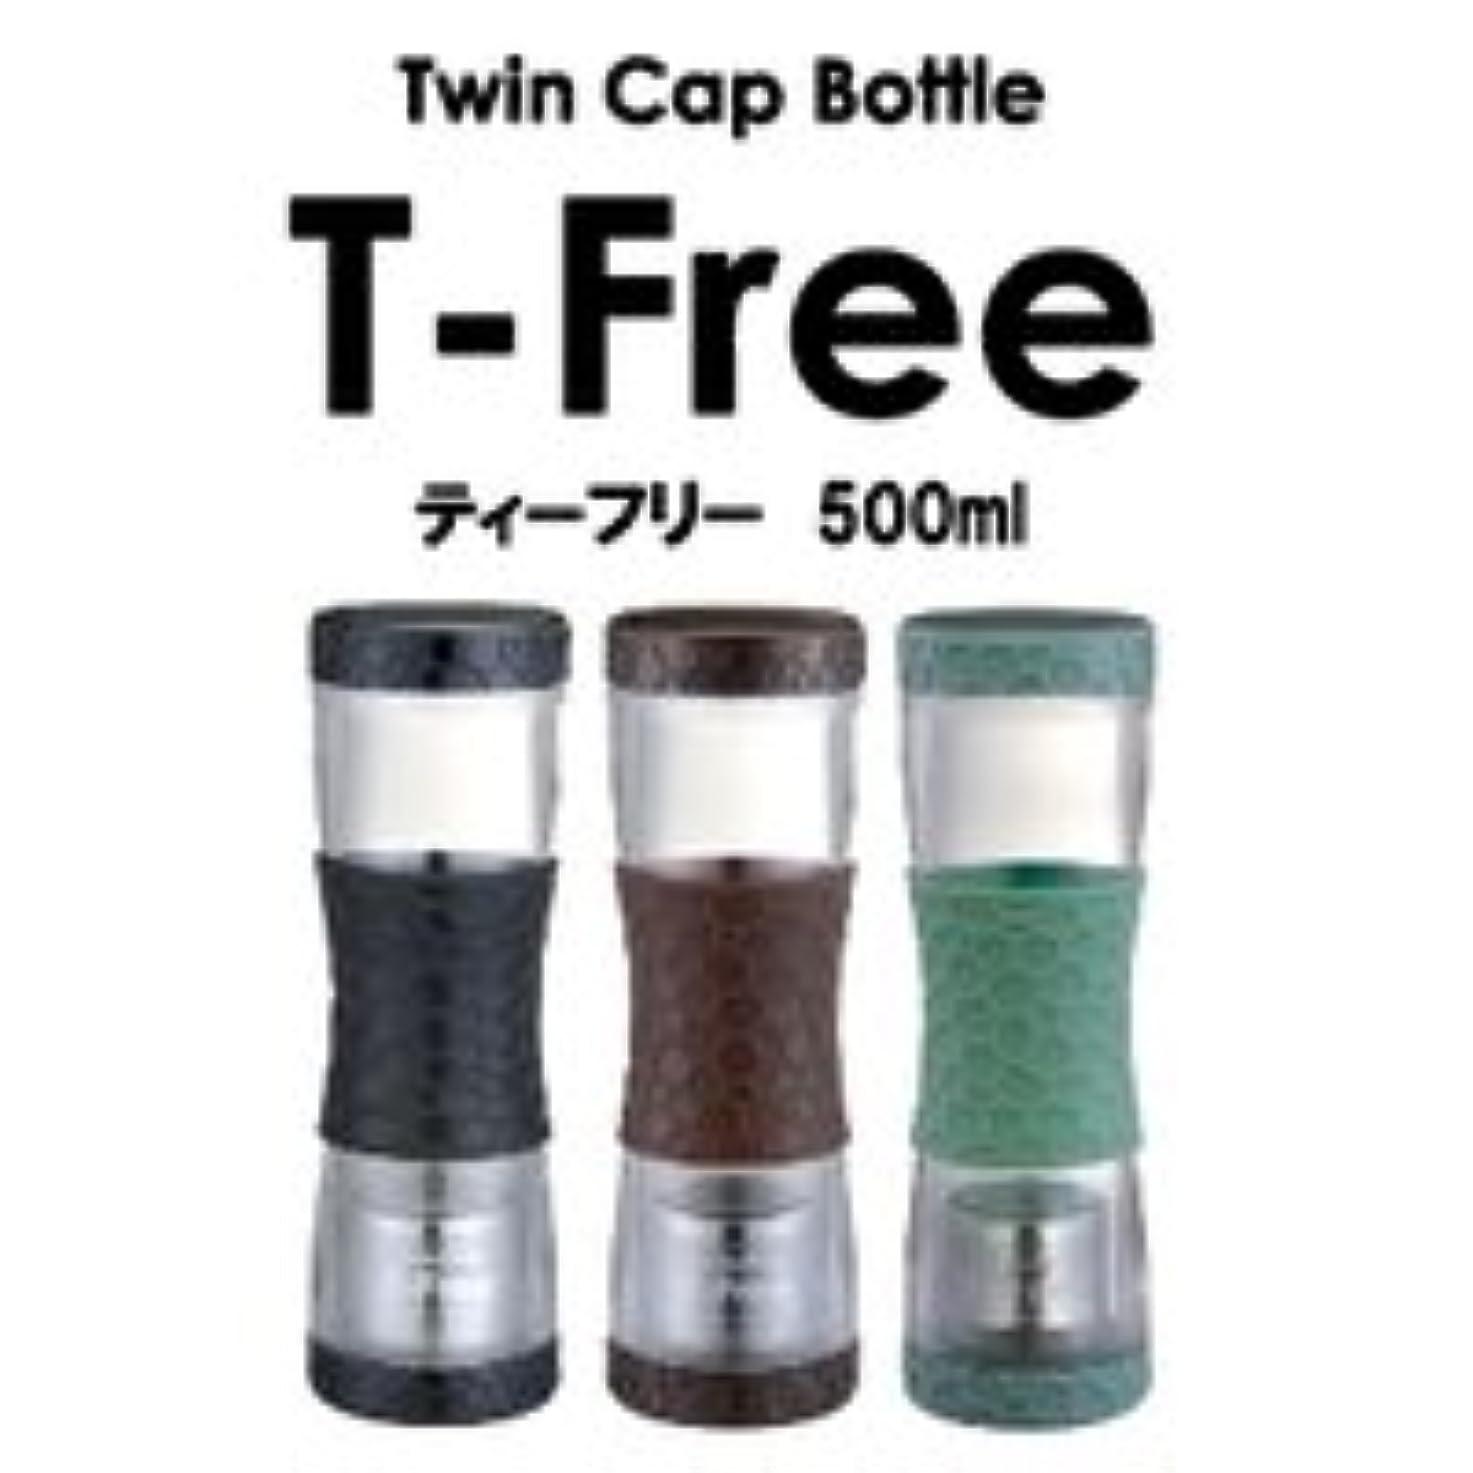 足解体する走るティーフリー500ml T-Free (カラー:グリーン) ※使い方自由なツインキャップボトル